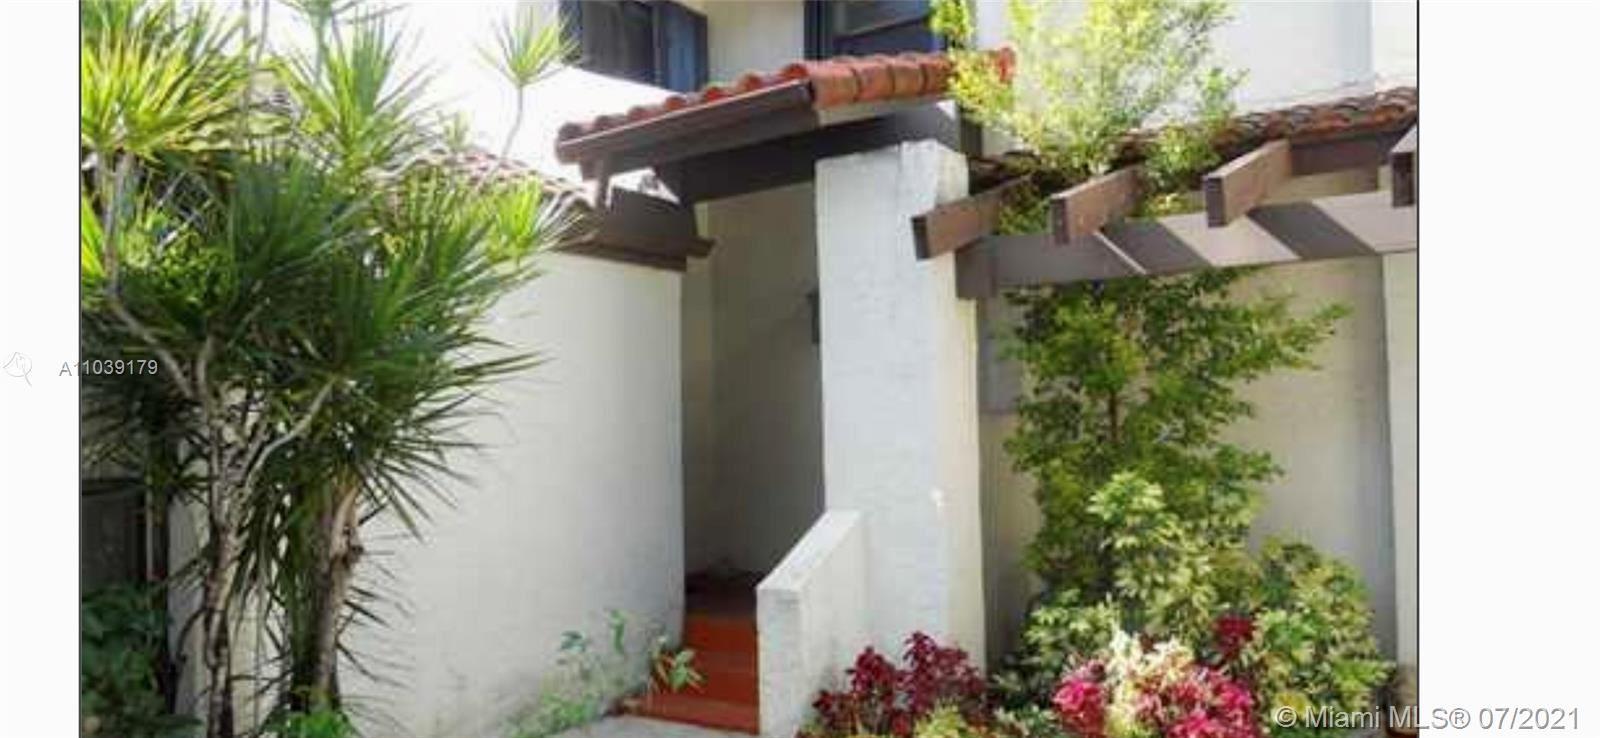 11332 SW 133rd Ct #56-2, Miami, FL 33186 - #: A11039179